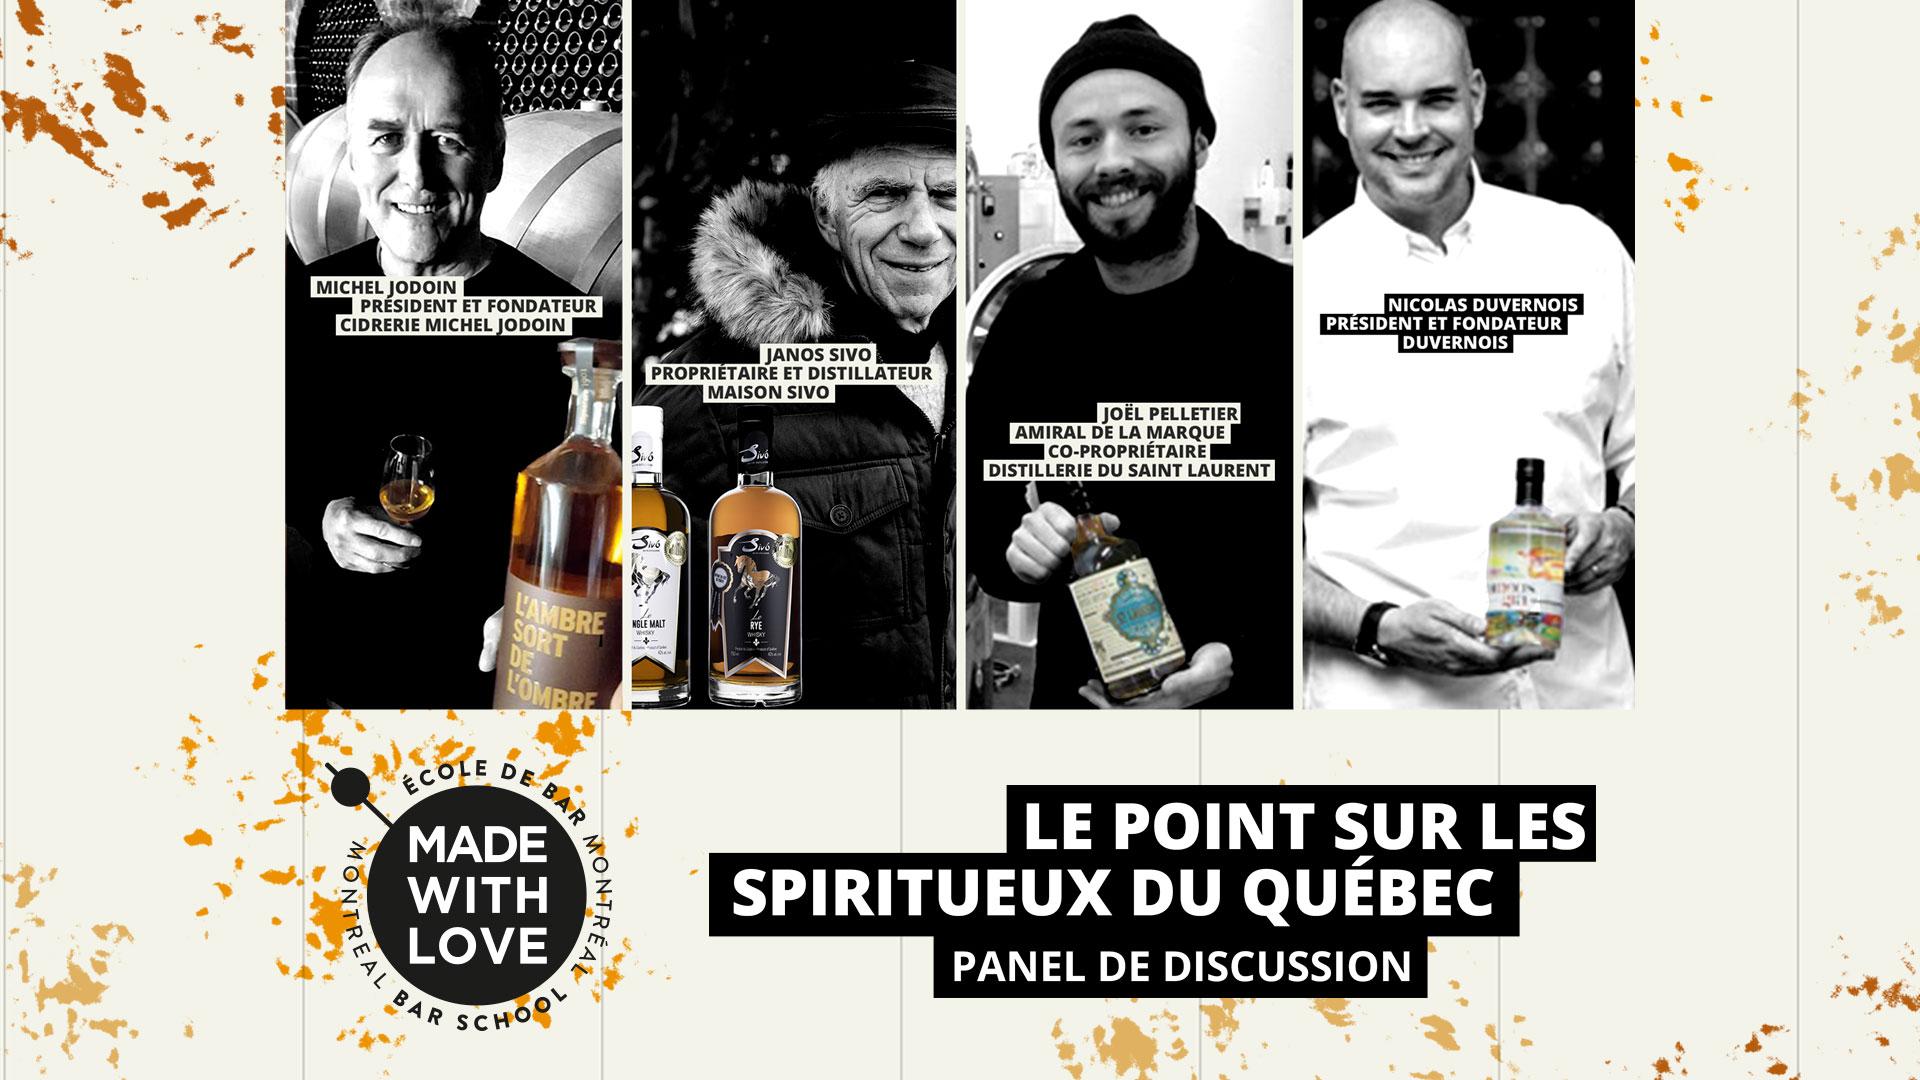 Le point sur les Spiritueux du Québec – Panel de discussion